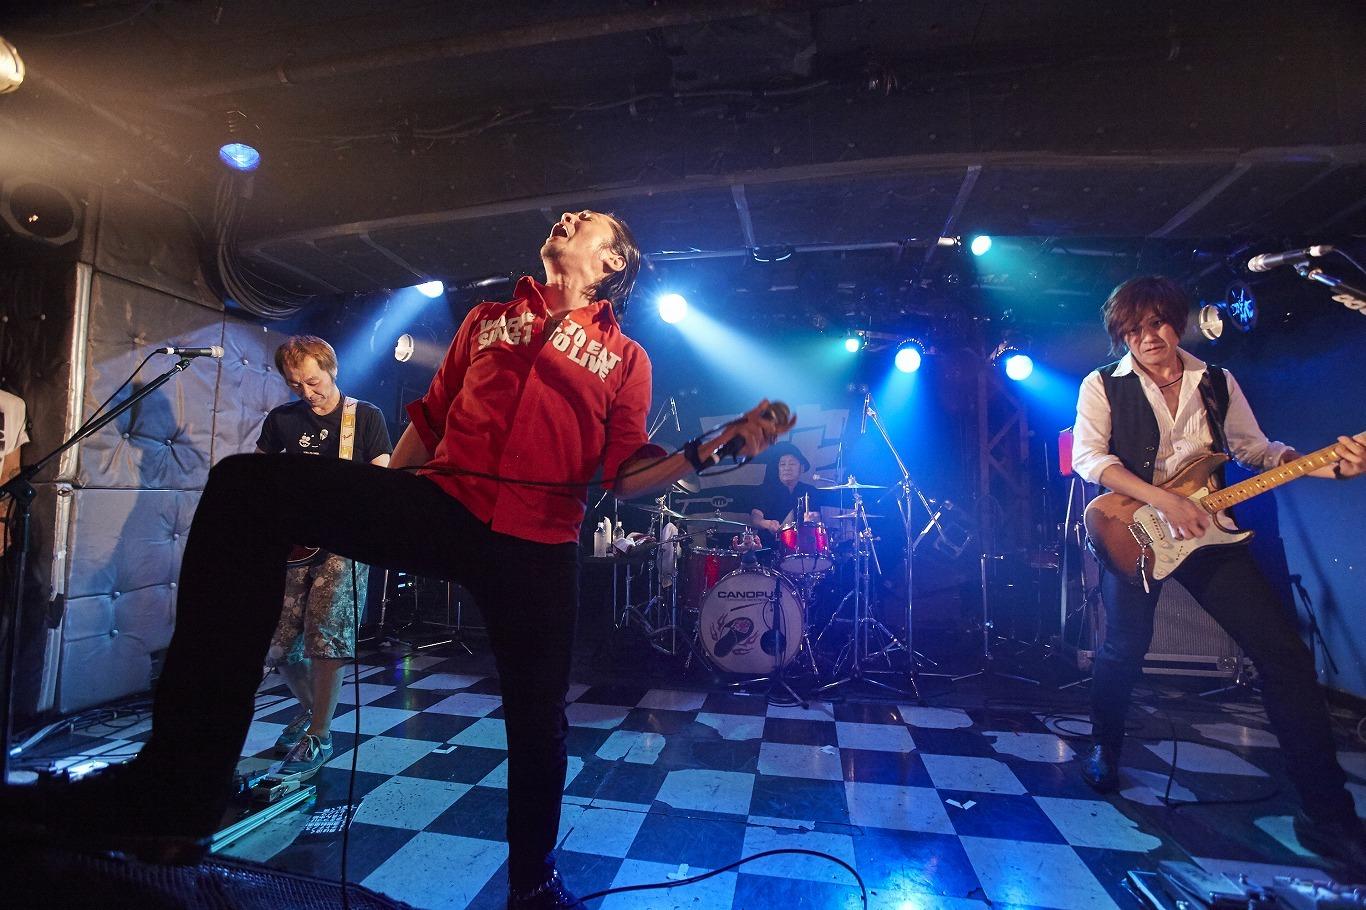 『三宅ロックフェス』(c) 広川智基